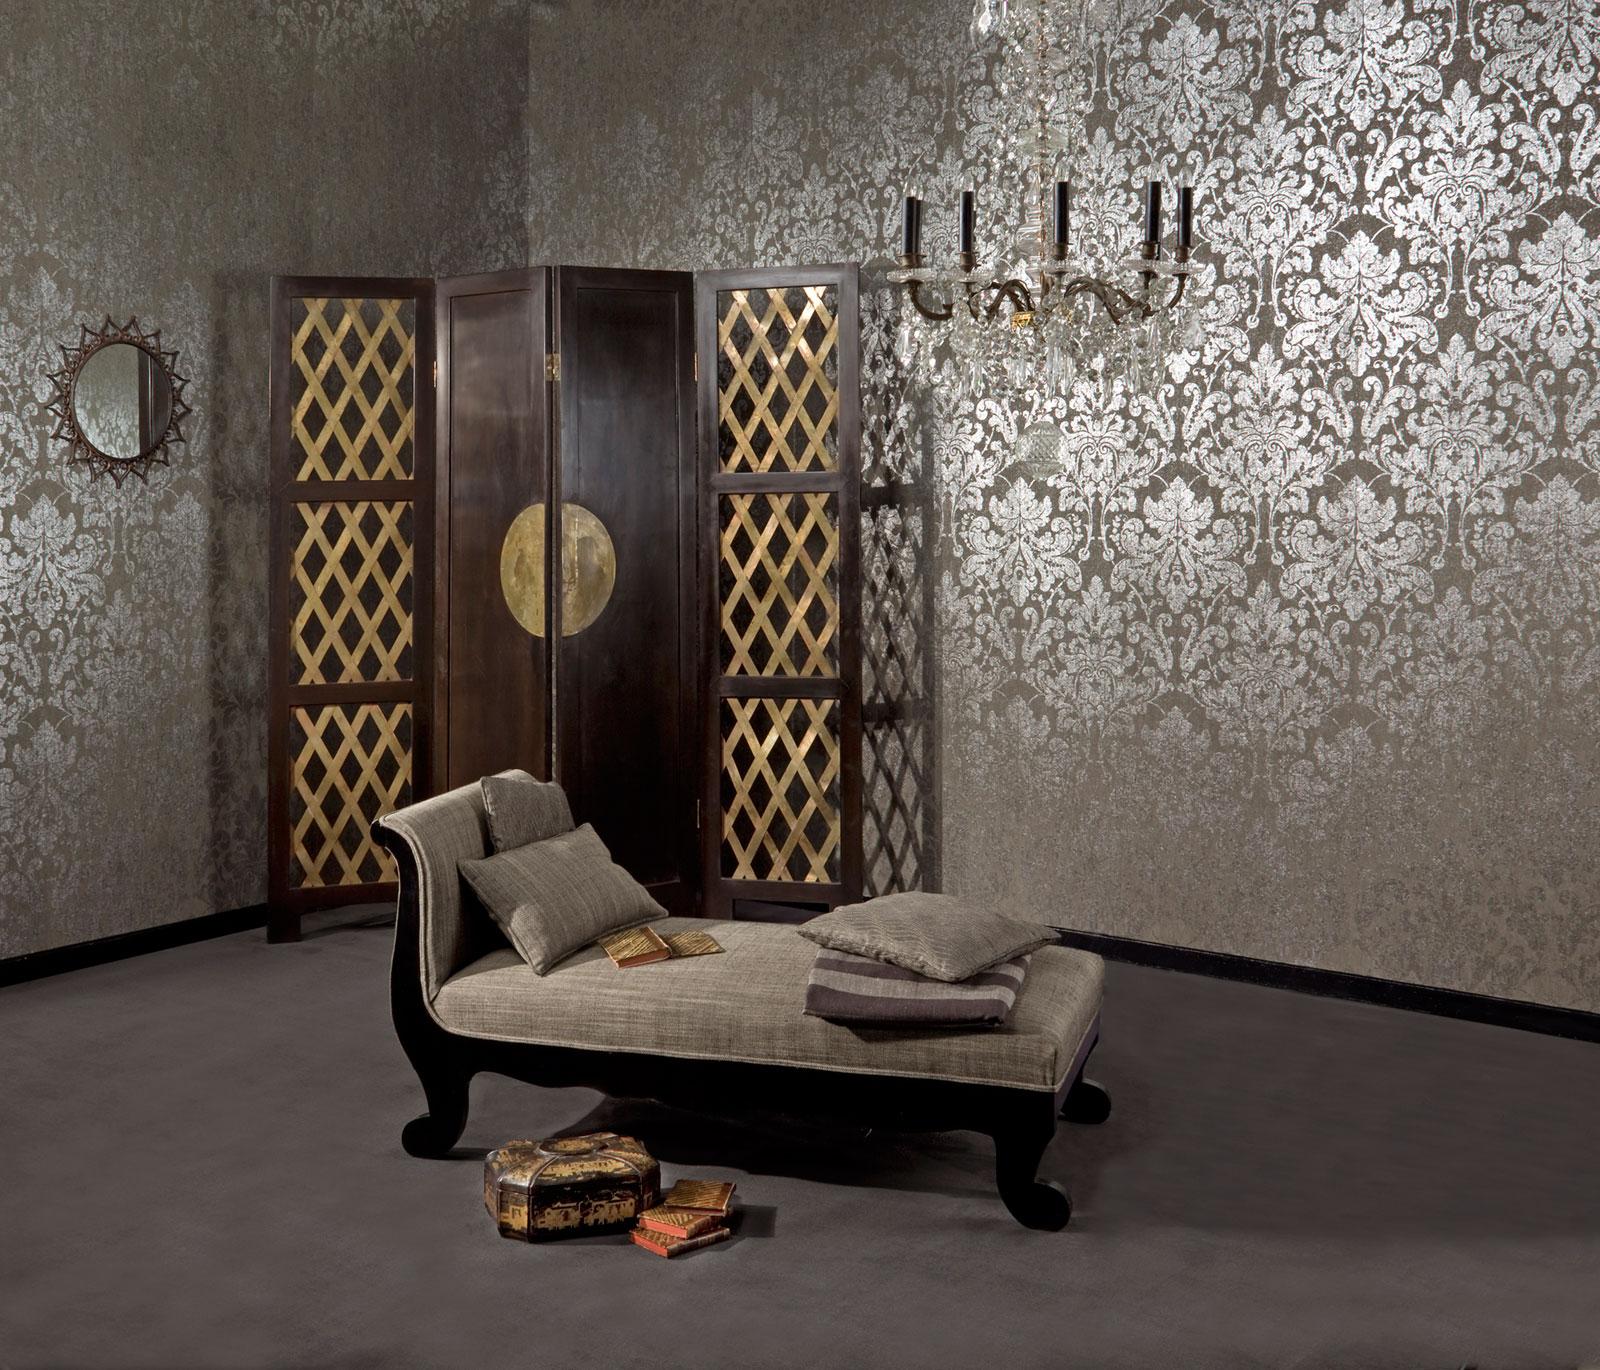 grensel s tapet hege w lner interi rdesign. Black Bedroom Furniture Sets. Home Design Ideas